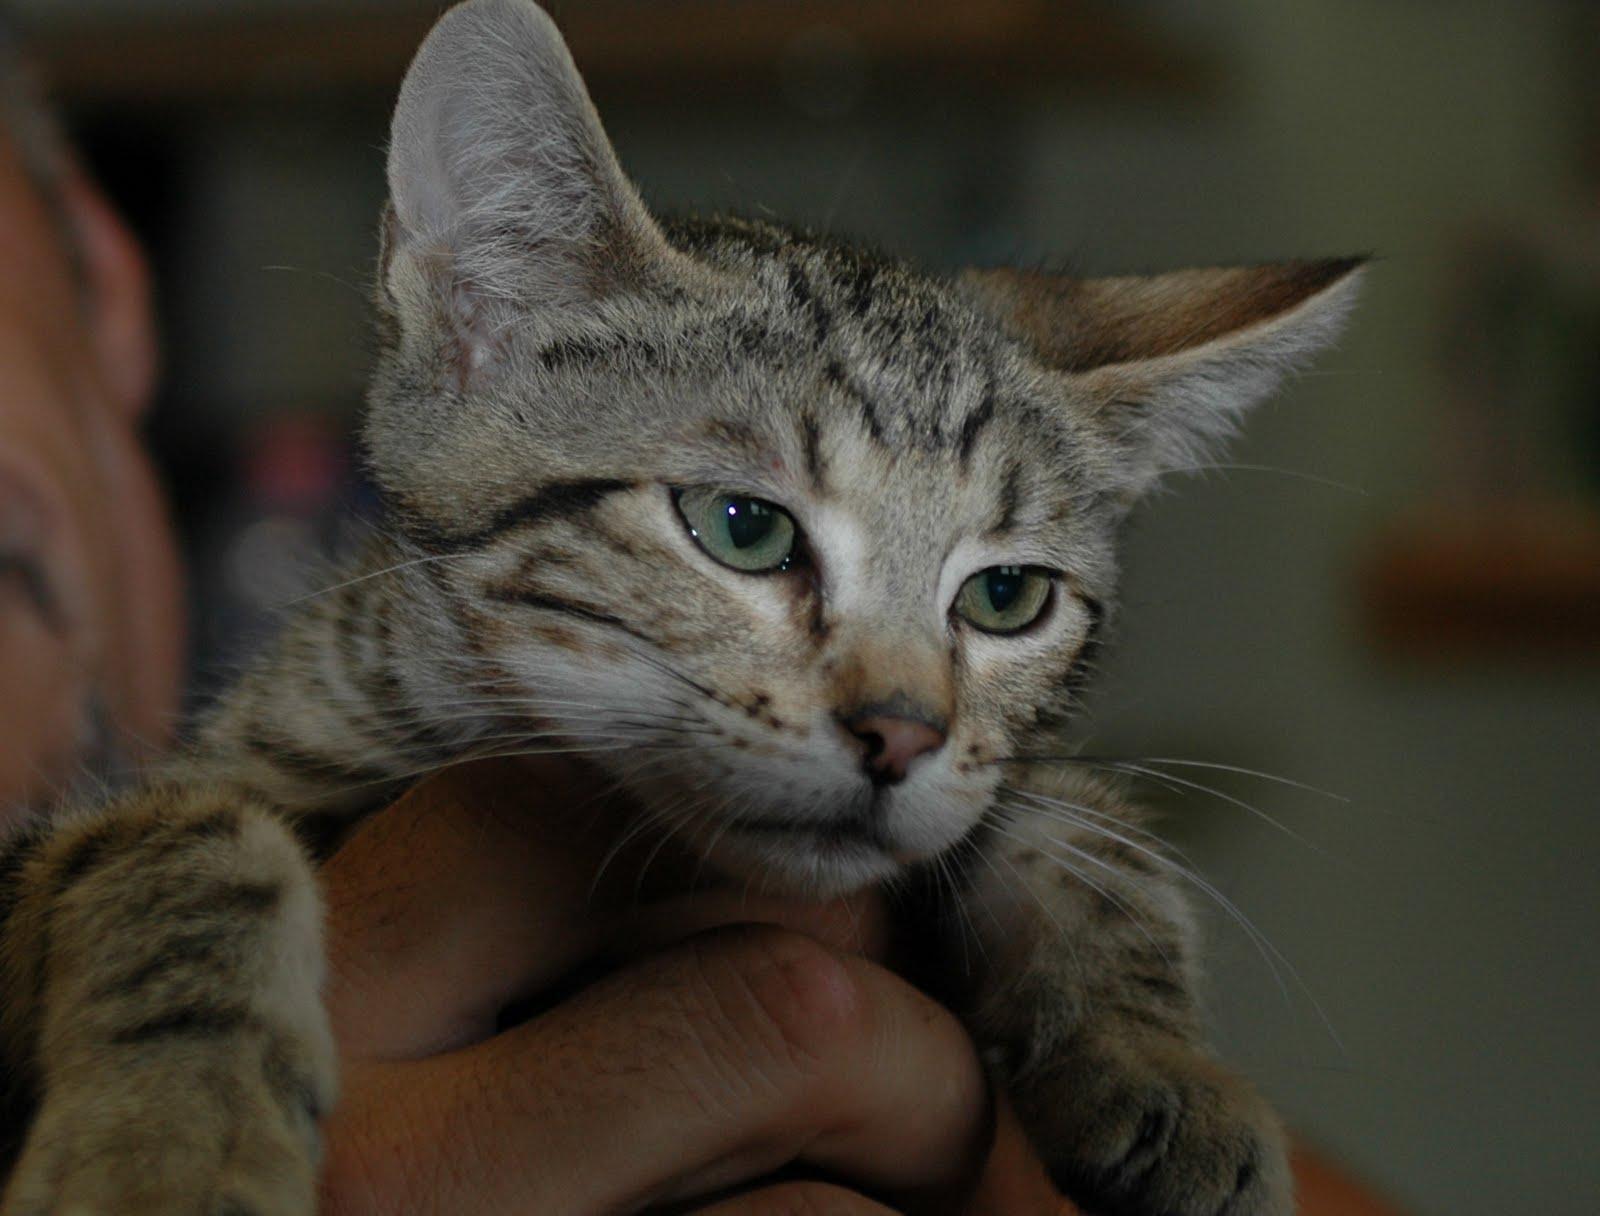 Emergenza al gattile a m a la casa degli orrori